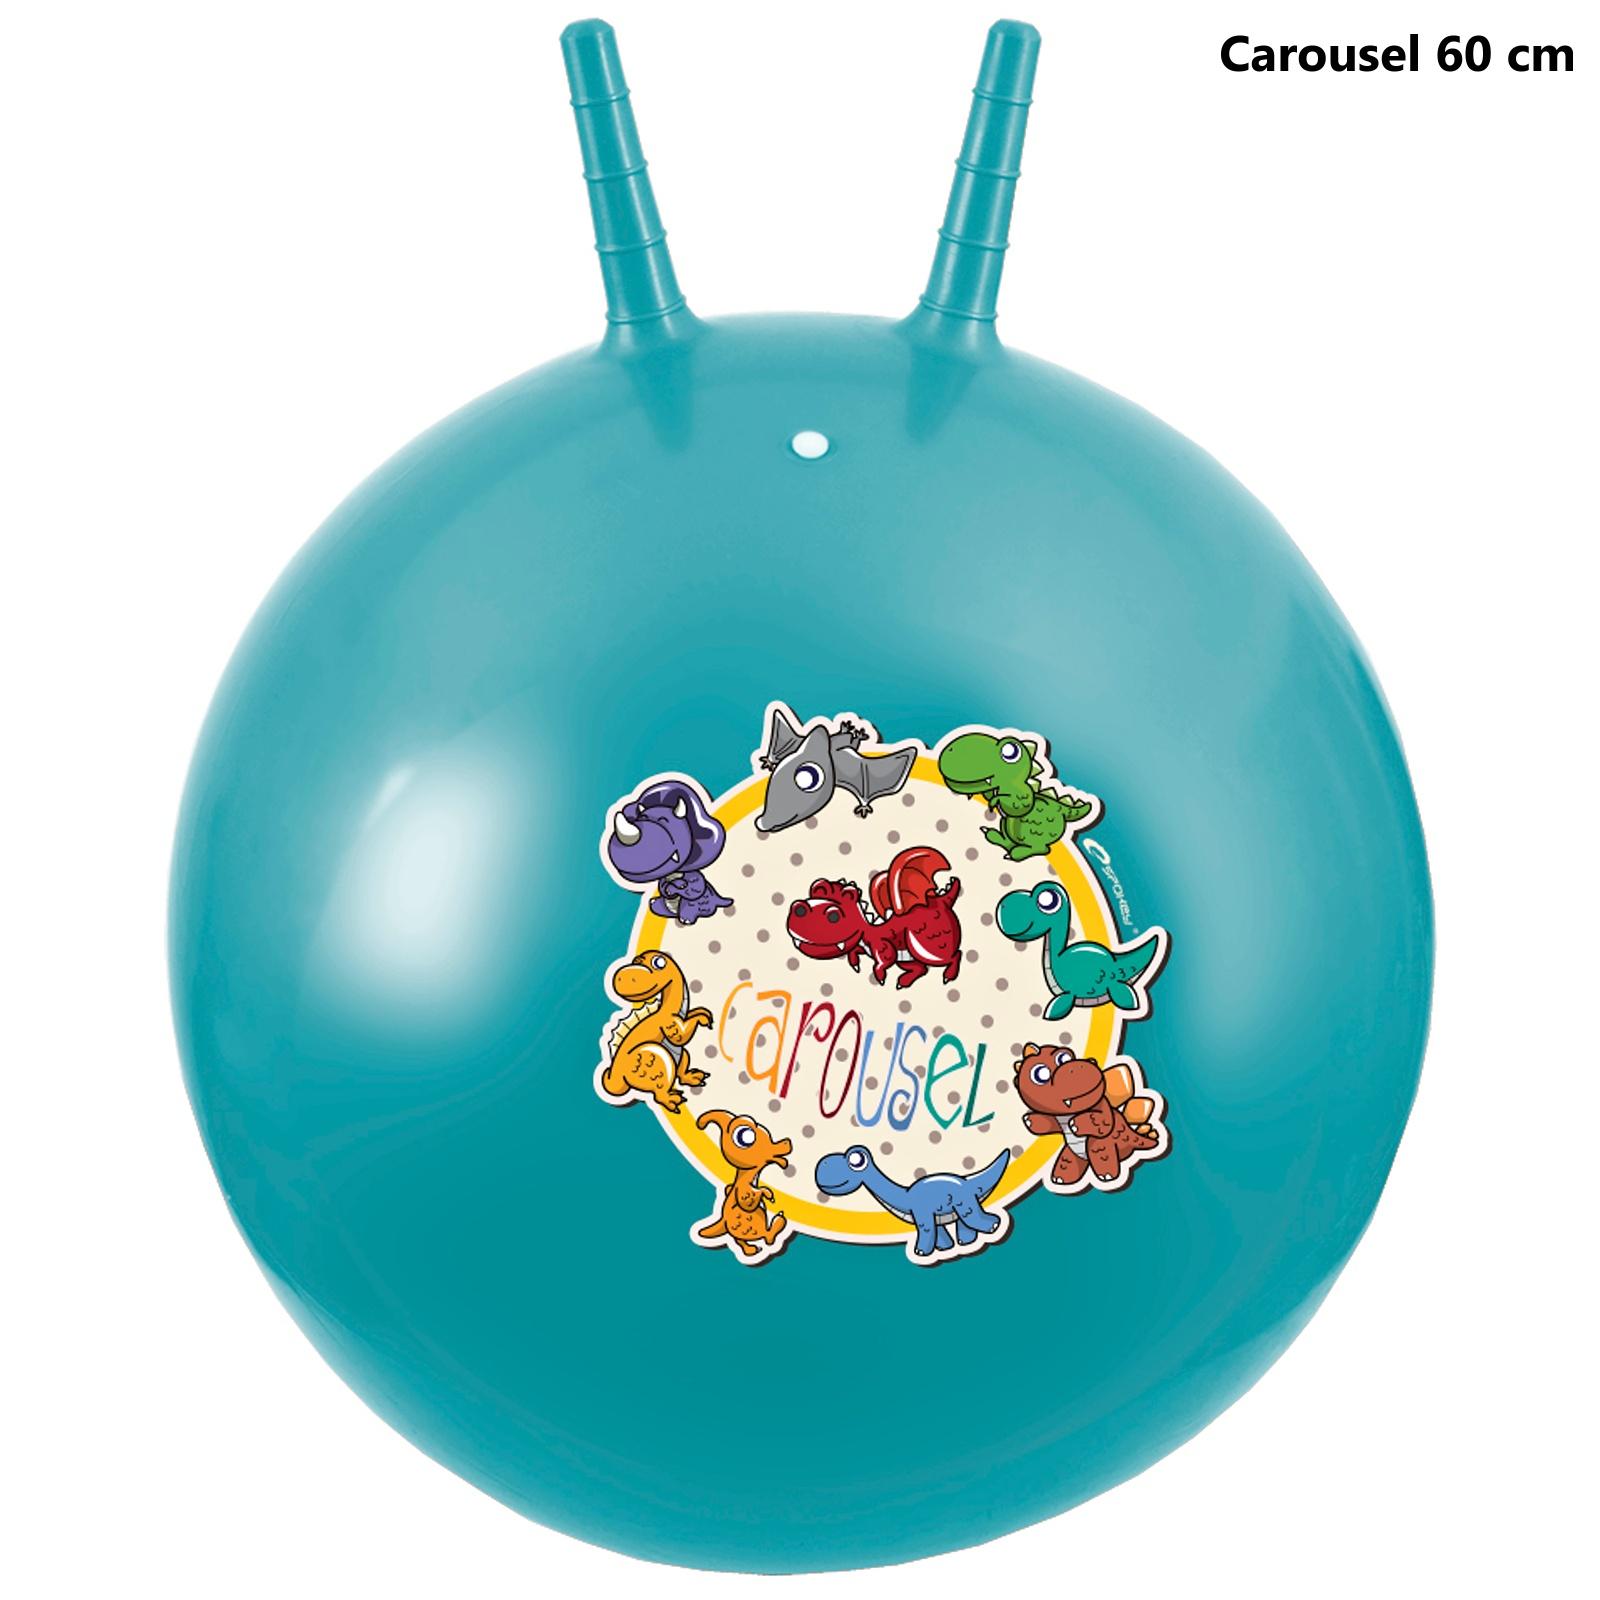 Skákací míč SPOKEY Carousel 60 cm